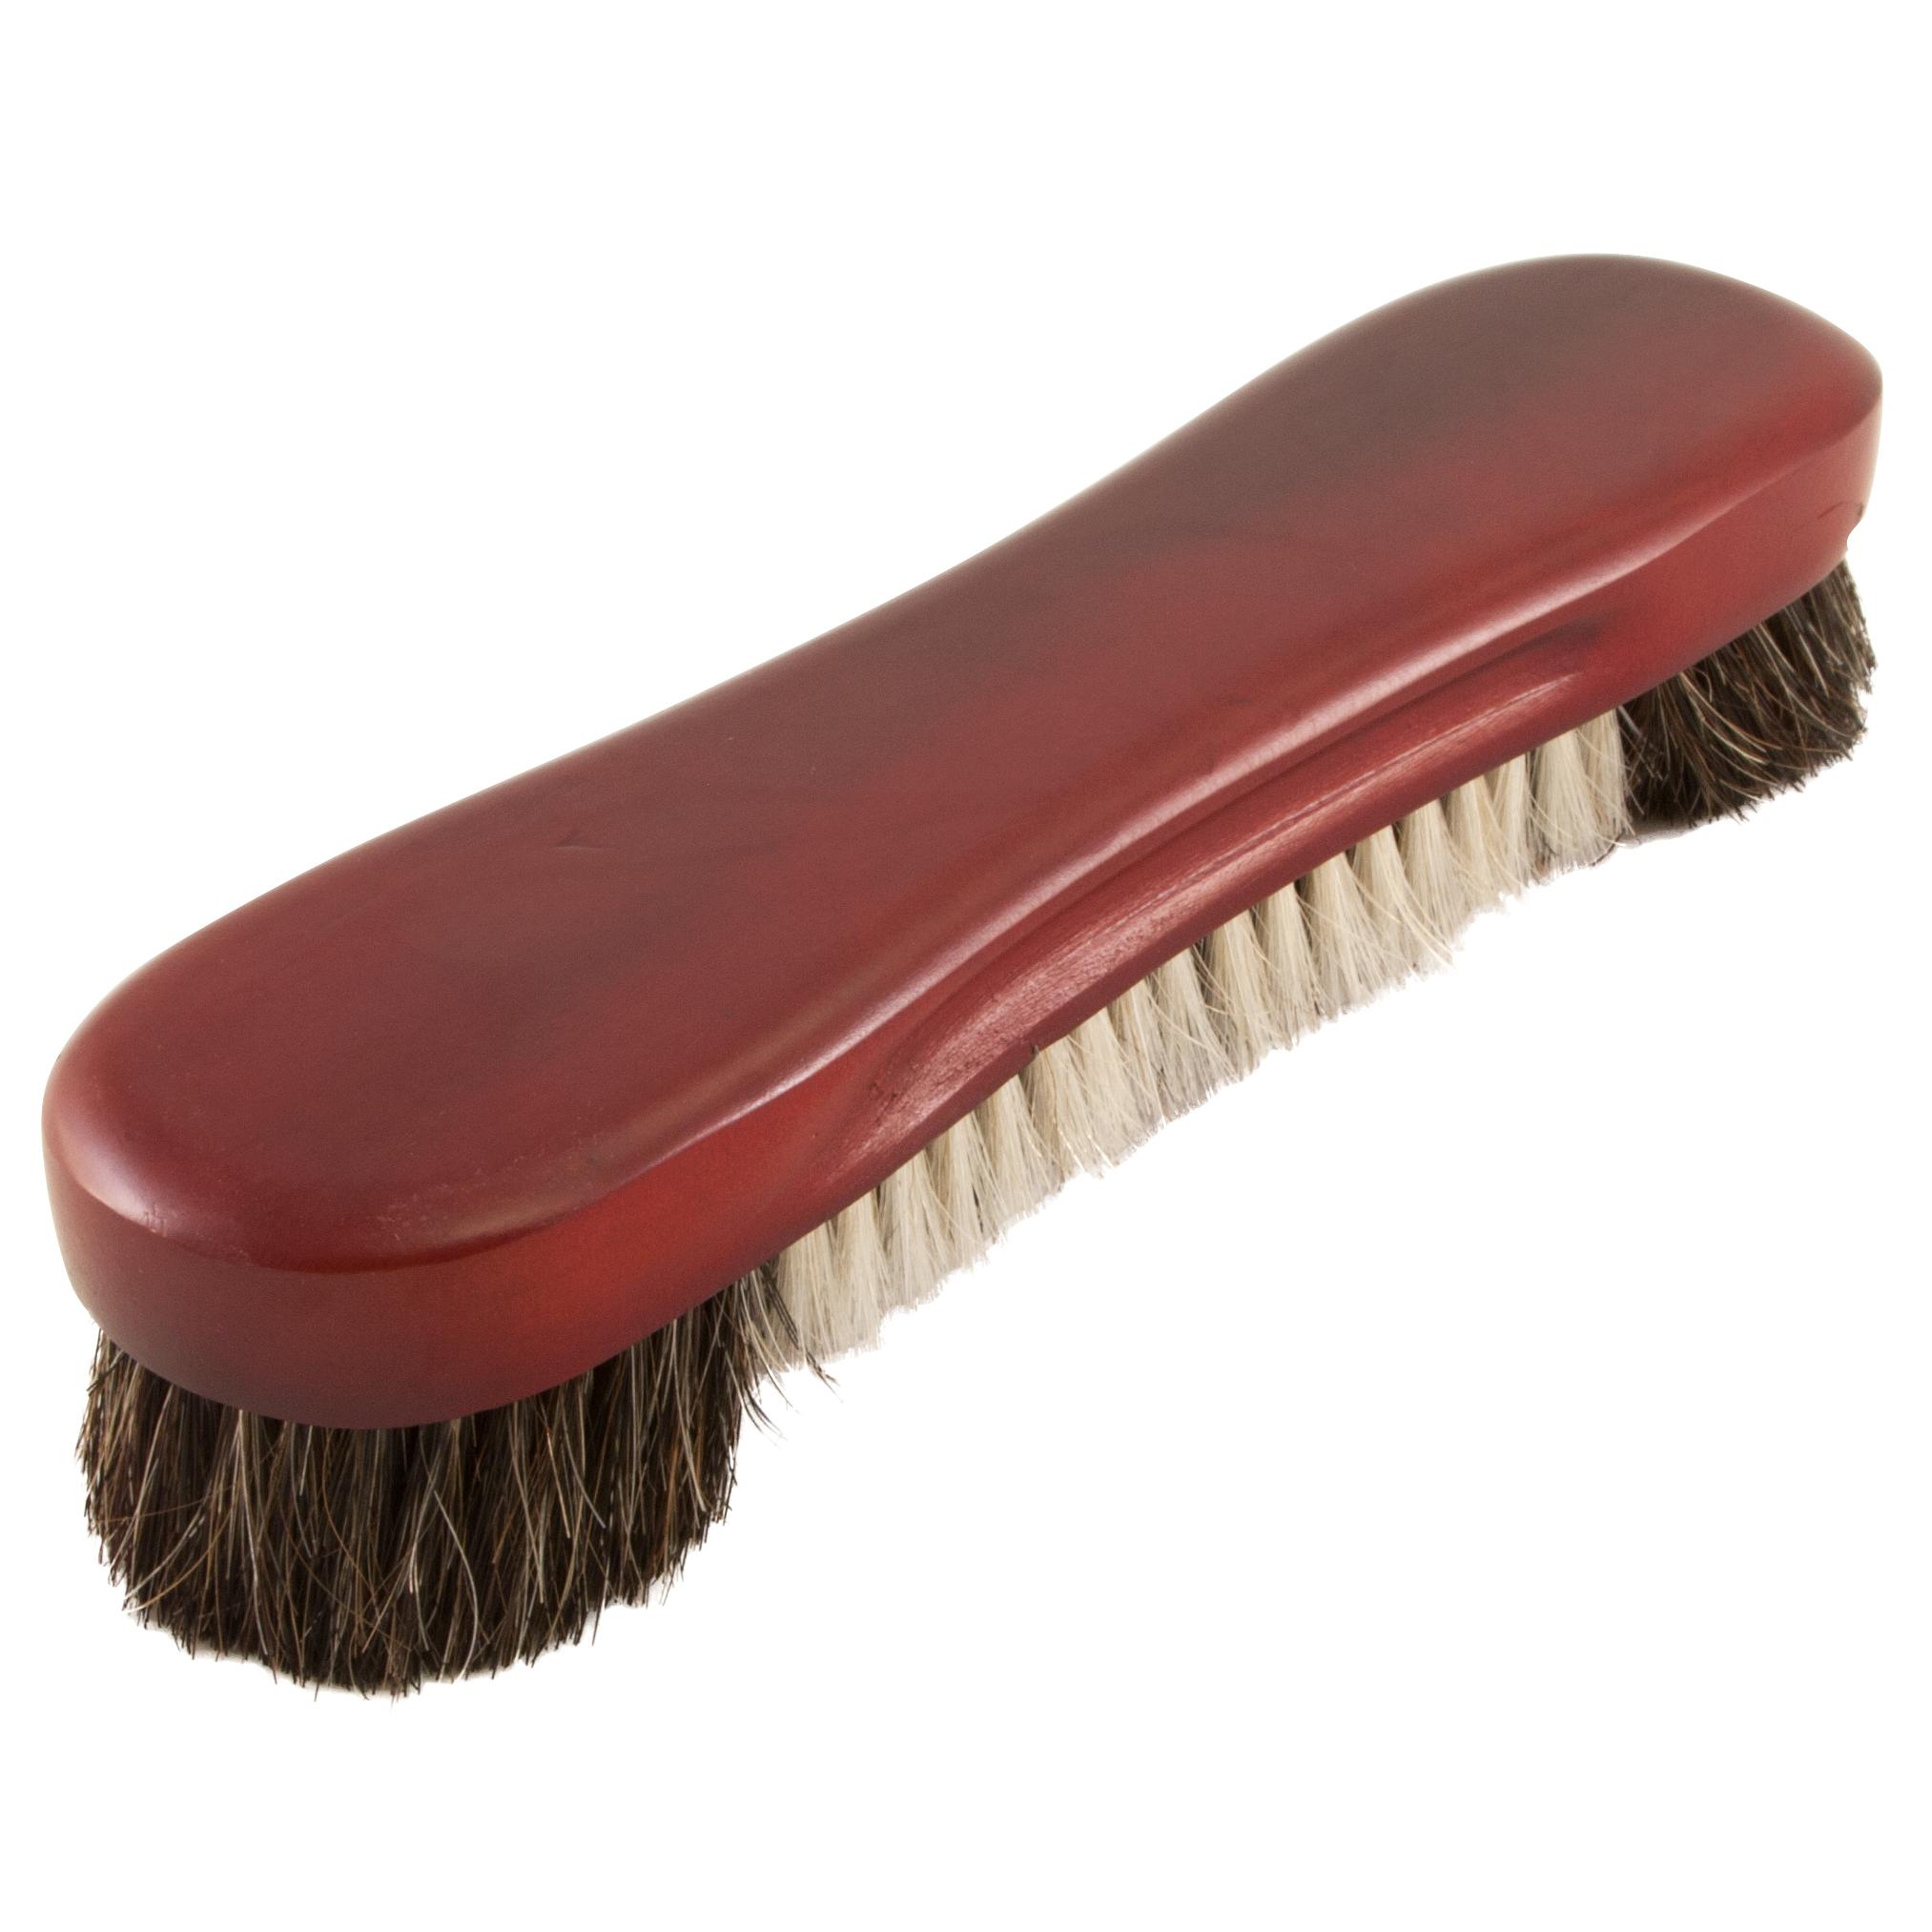 912700-Brush-Horse-Hair-10.5in